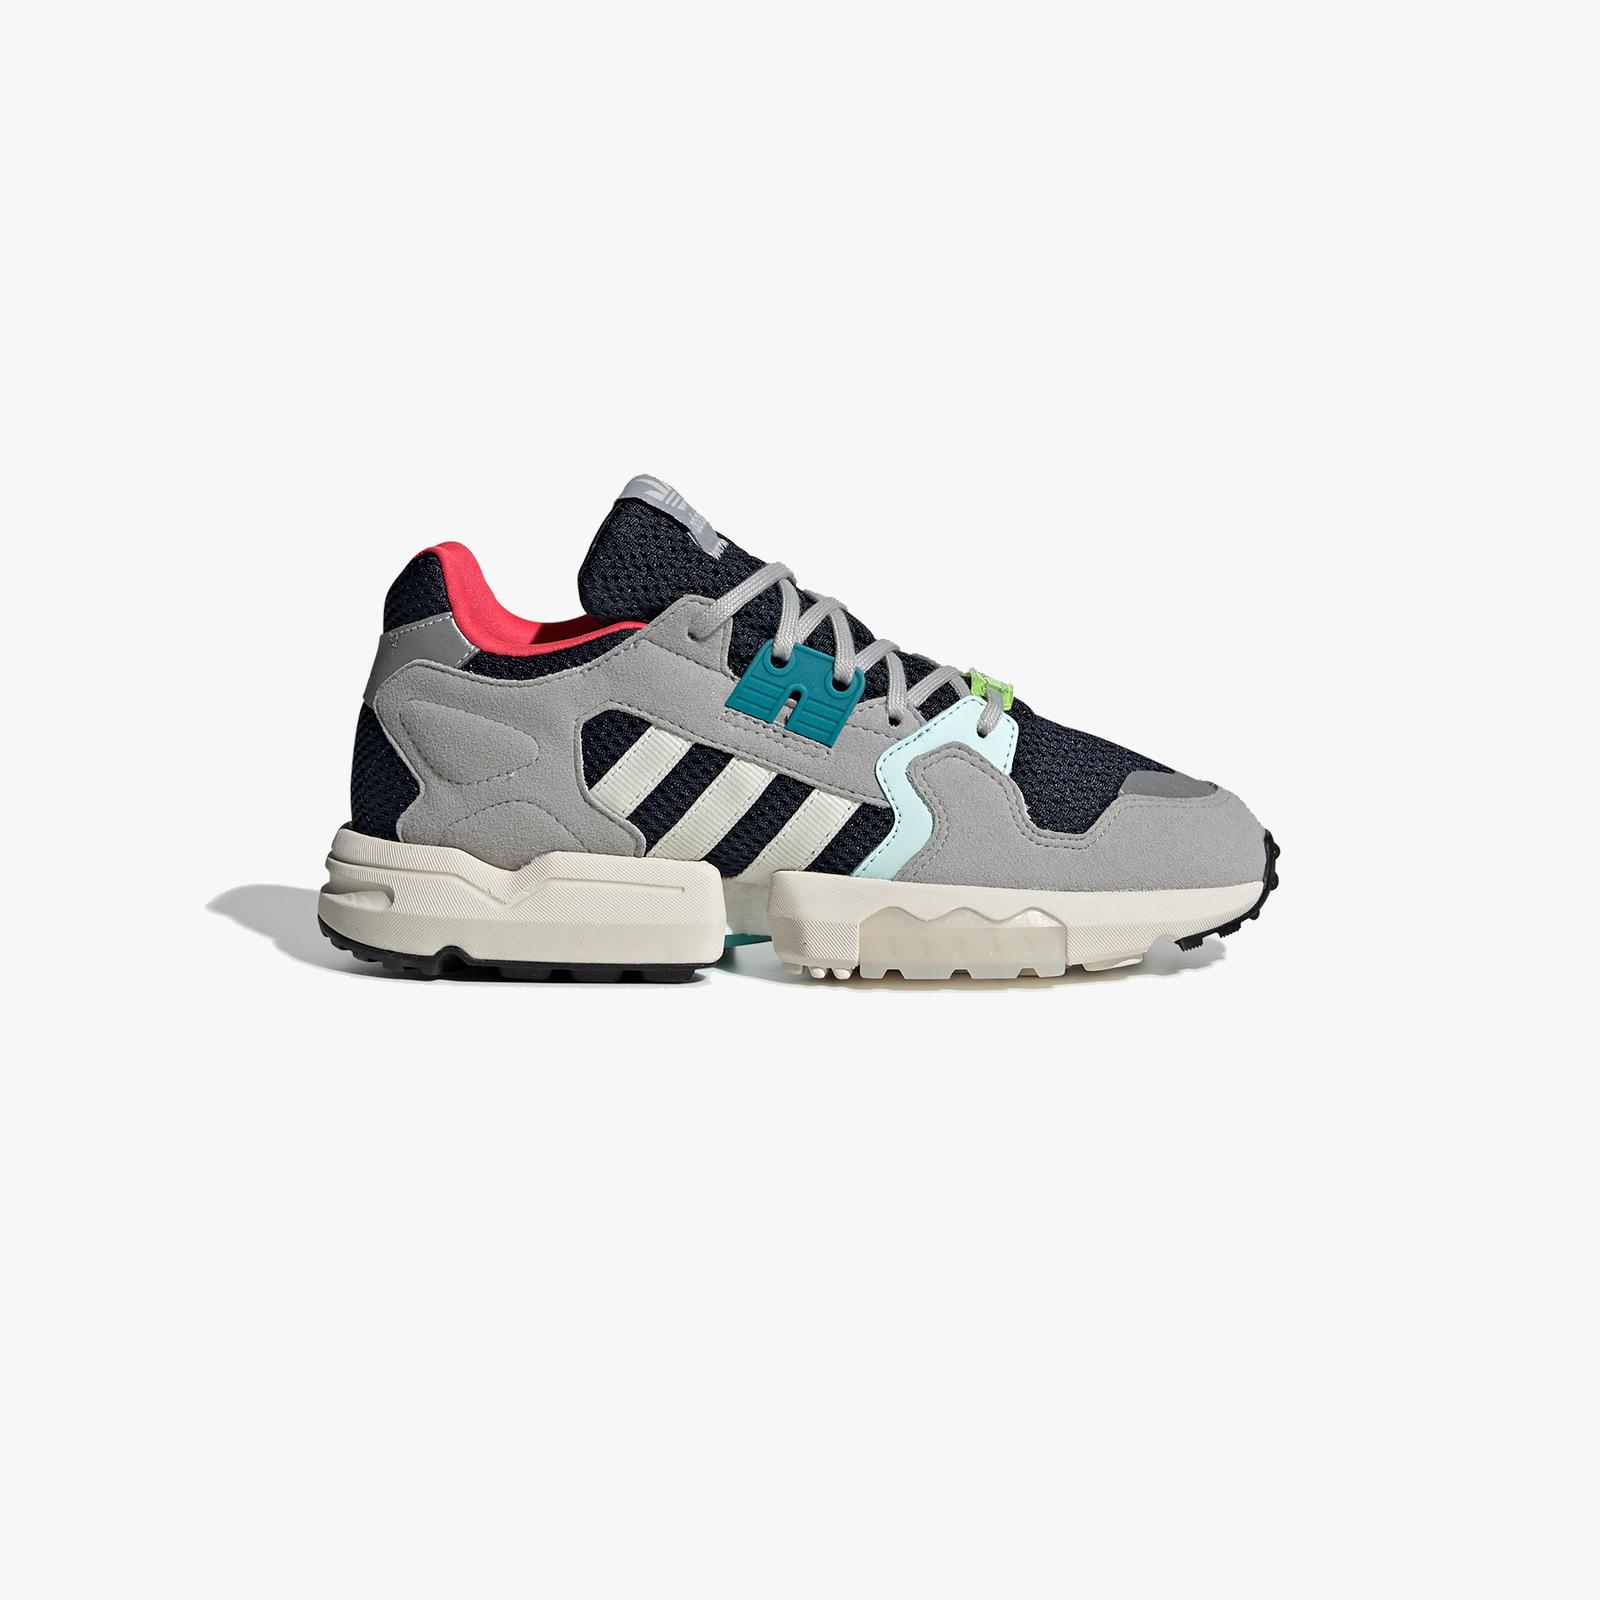 adidas ZX Torsion w - Ee4845 - SNS   sneakers & streetwear en ...